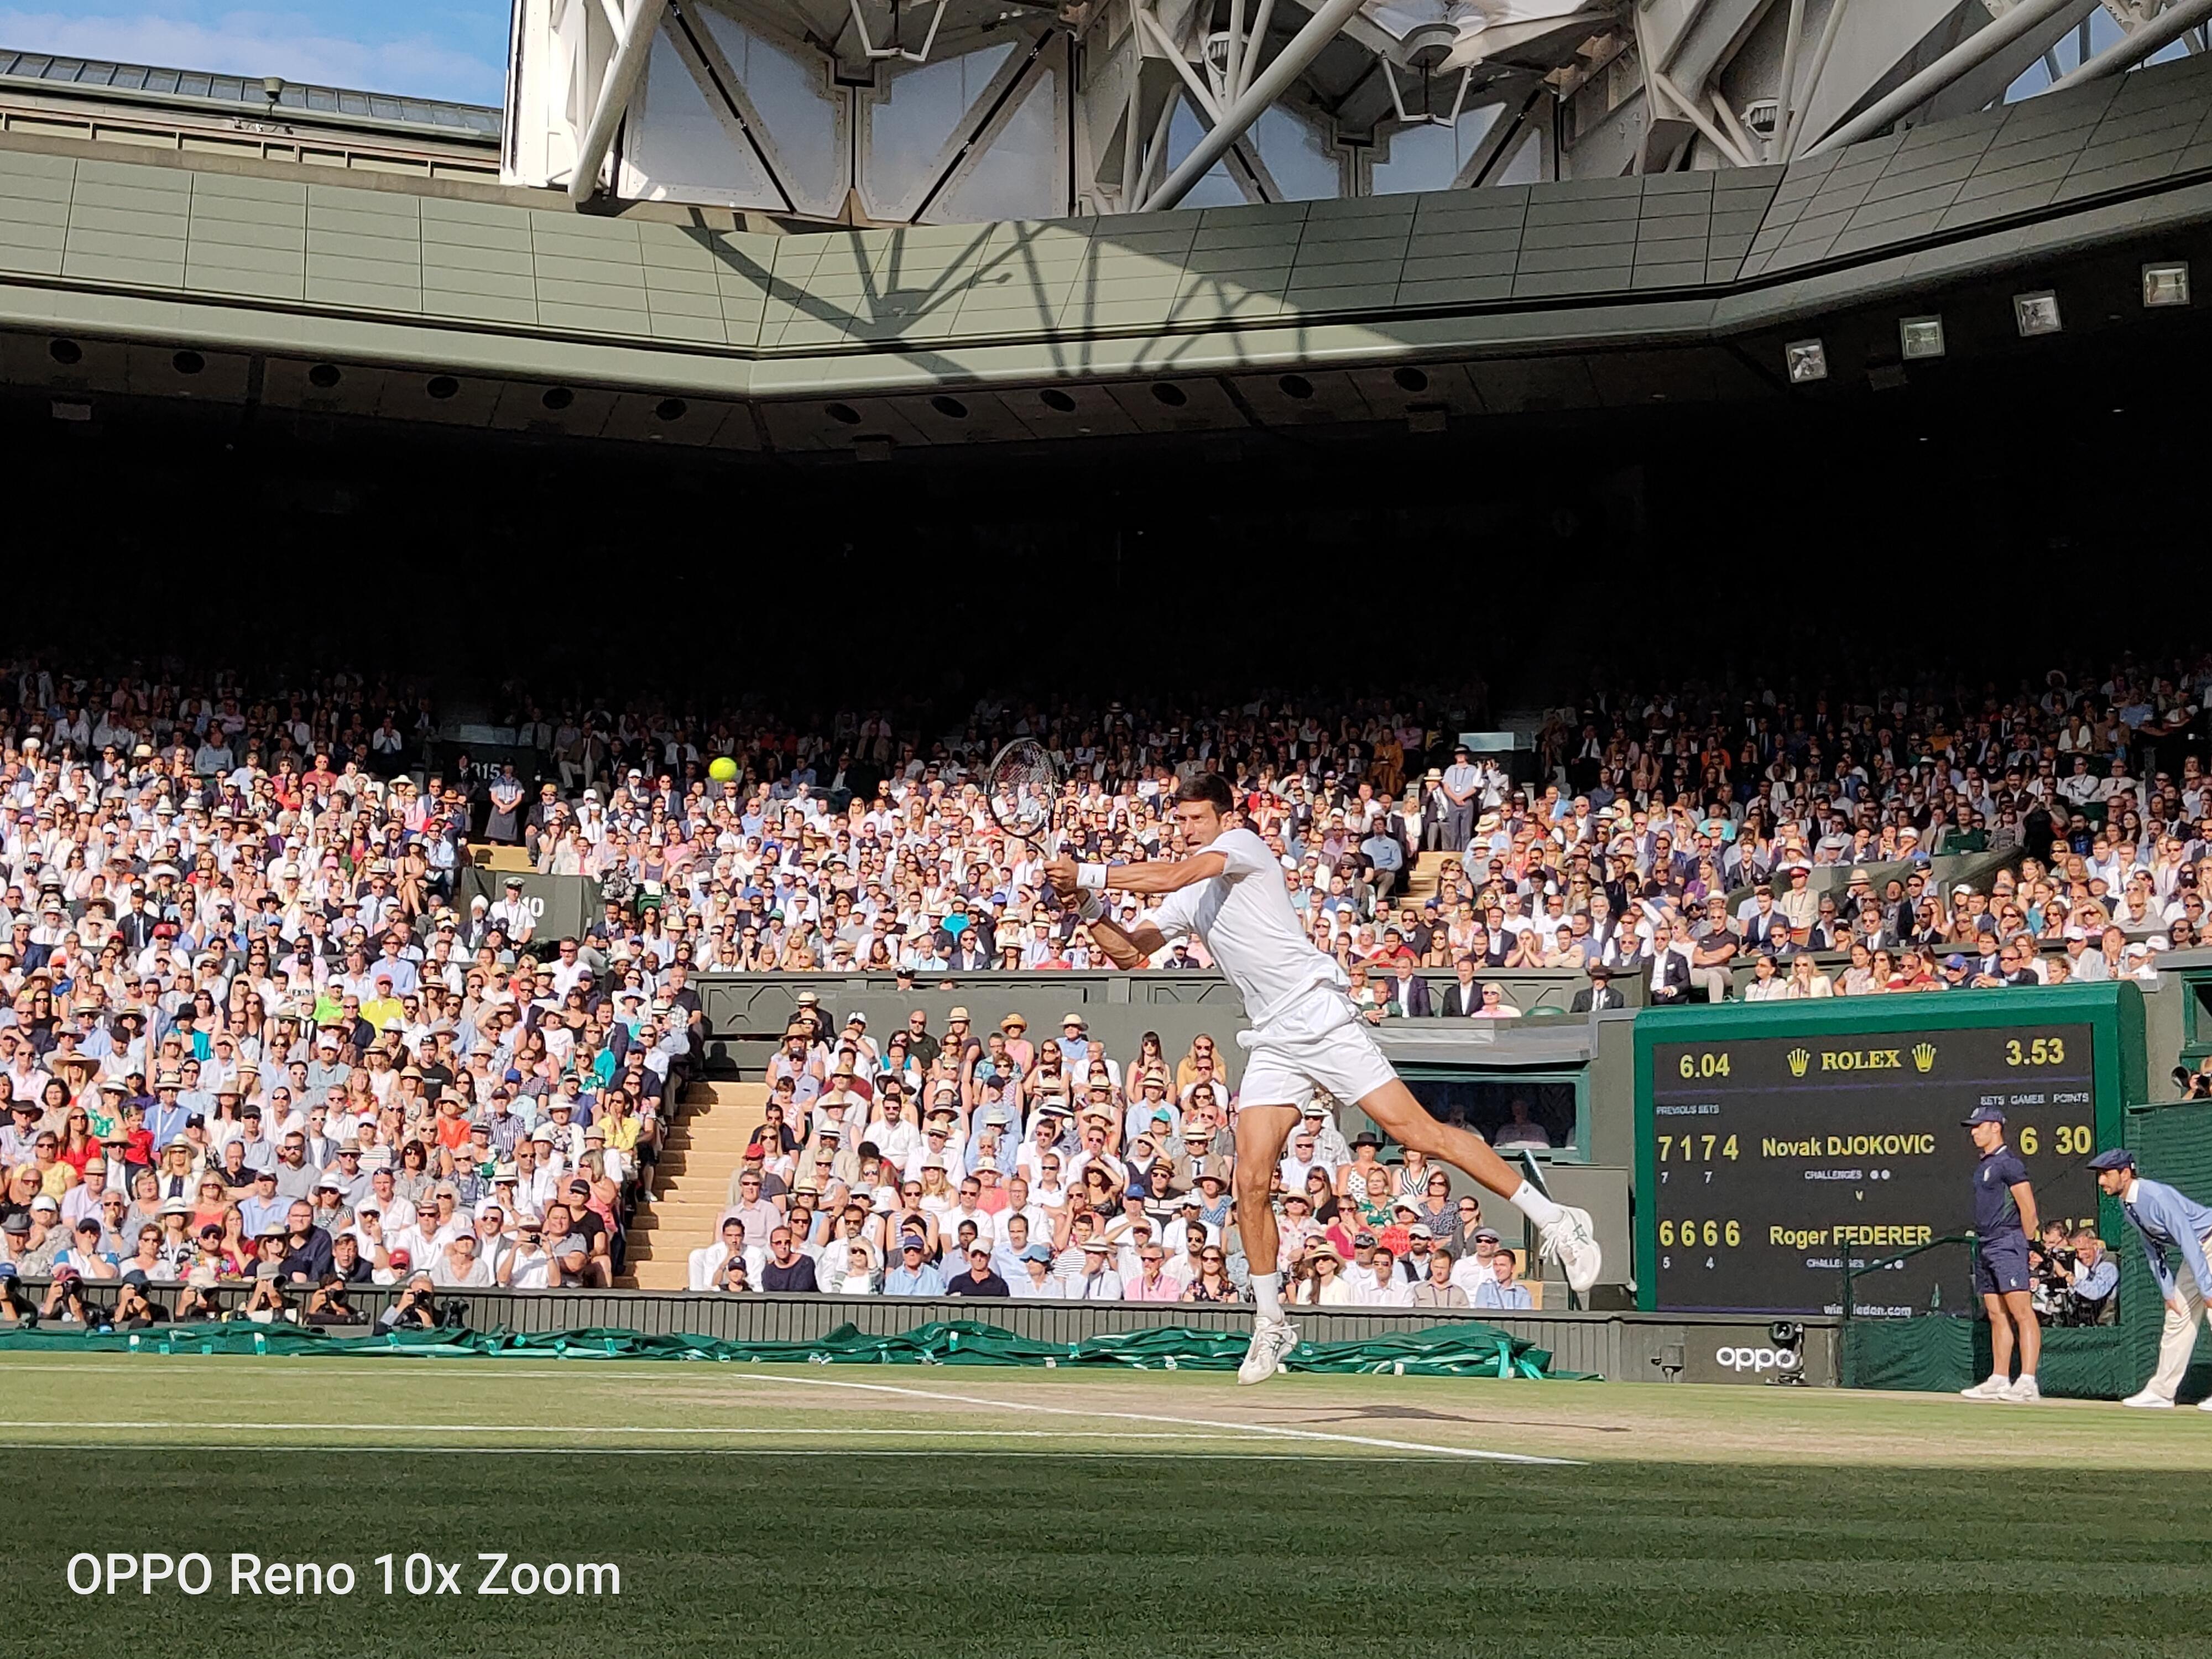 Novak Djokovic takes inspiration from Roger Federer, says Becker